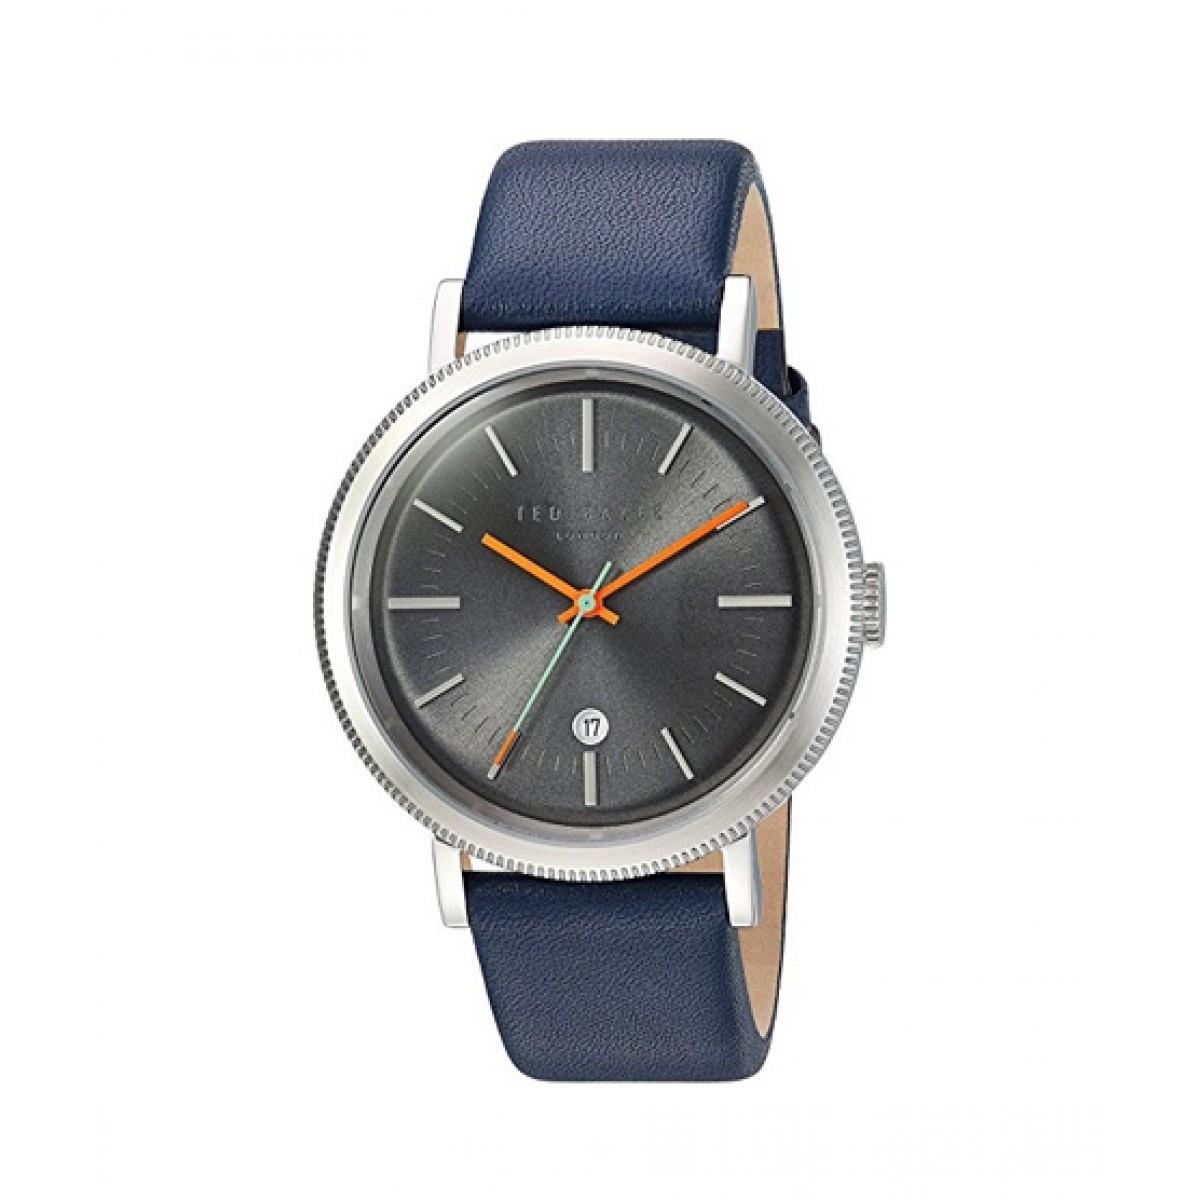 ee6cda1a9 Ted Baker Connor Quartz Men s Watch Price in Pakistan